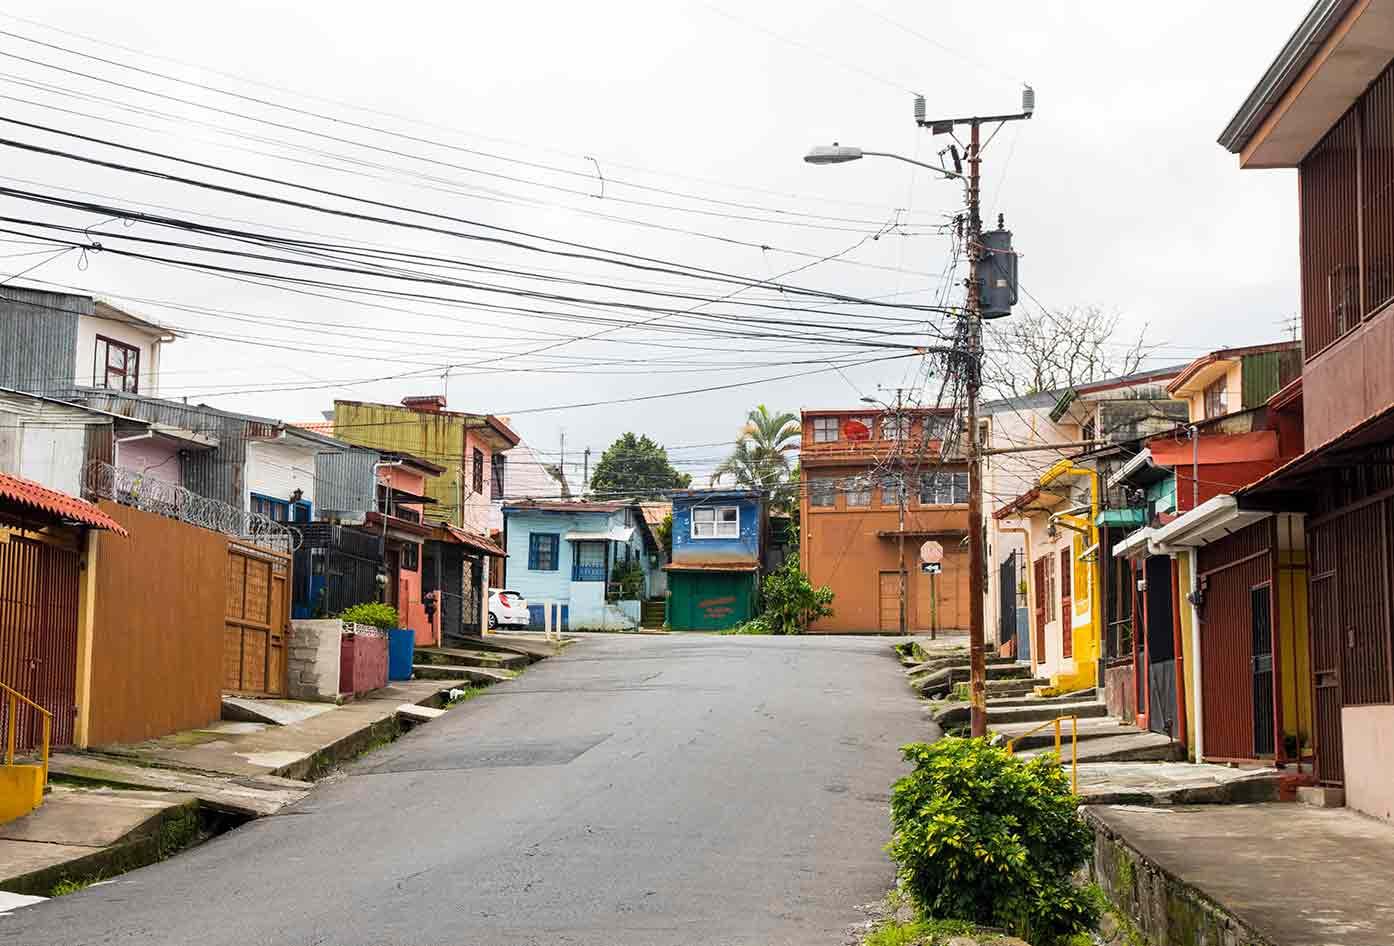 san jose streets